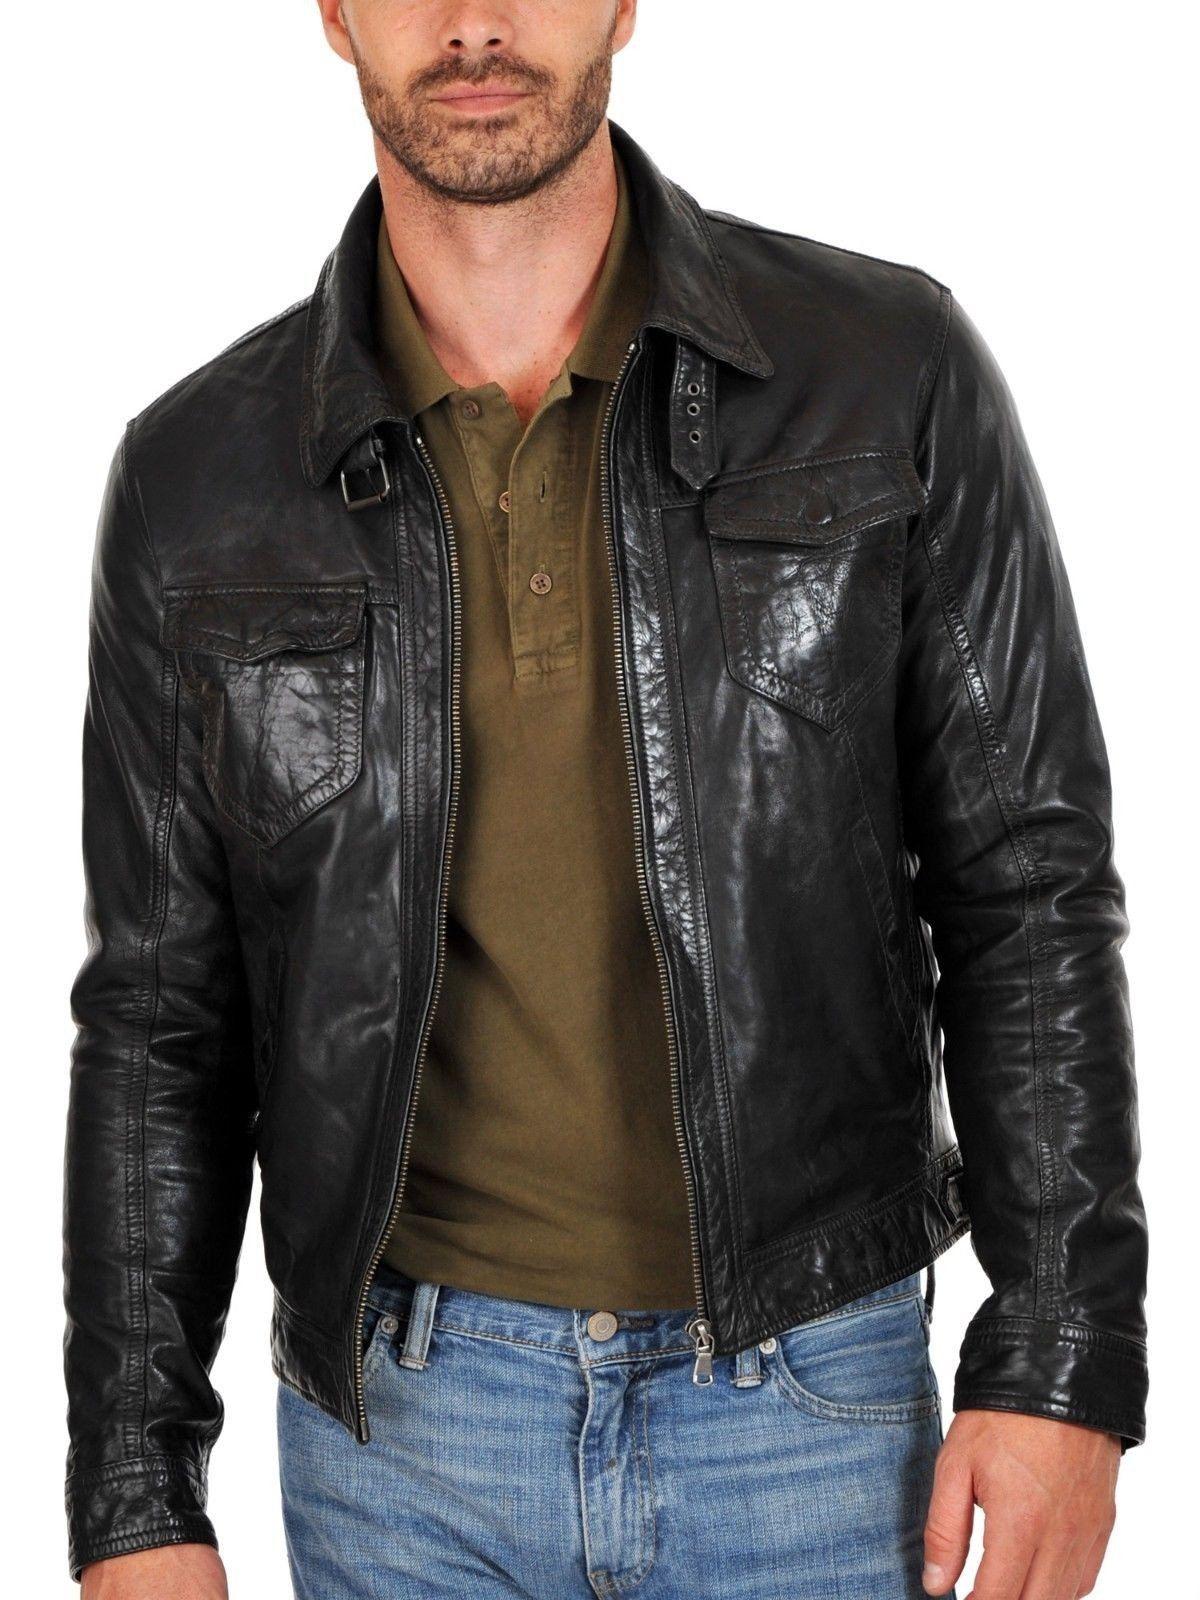 Mens Lembskin Leather Jacket Https Www Ryanlifestyle Com Collections Men Leather Jack Muzhskie Kozhanye Kurtki Muzhskoj Stil Chernaya Kozhanaya Kurtka [ 1600 x 1200 Pixel ]